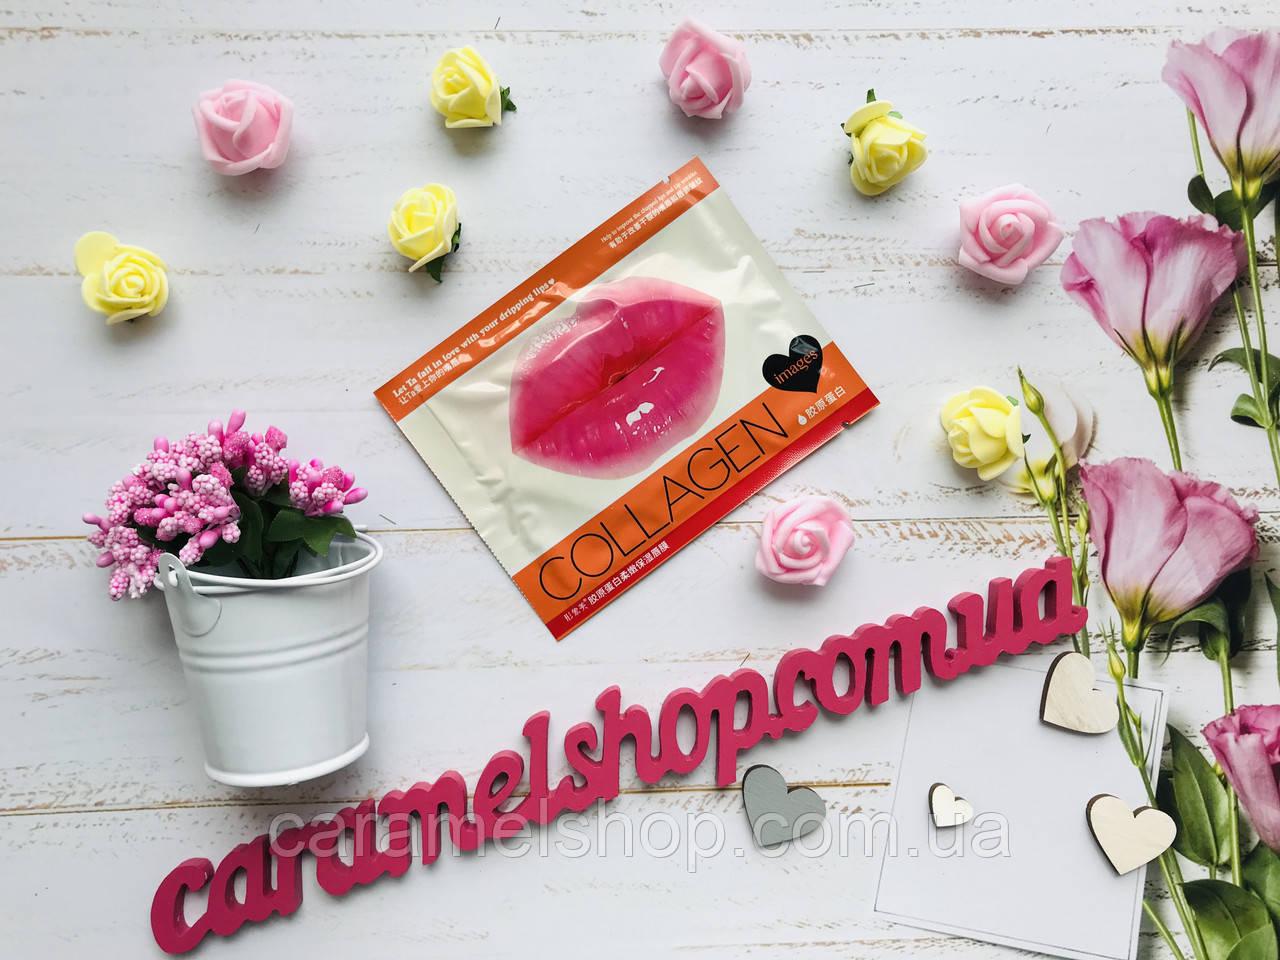 Маска Патч для губ Collagen Lip Mask (розовая) ВИШНЯ  Images